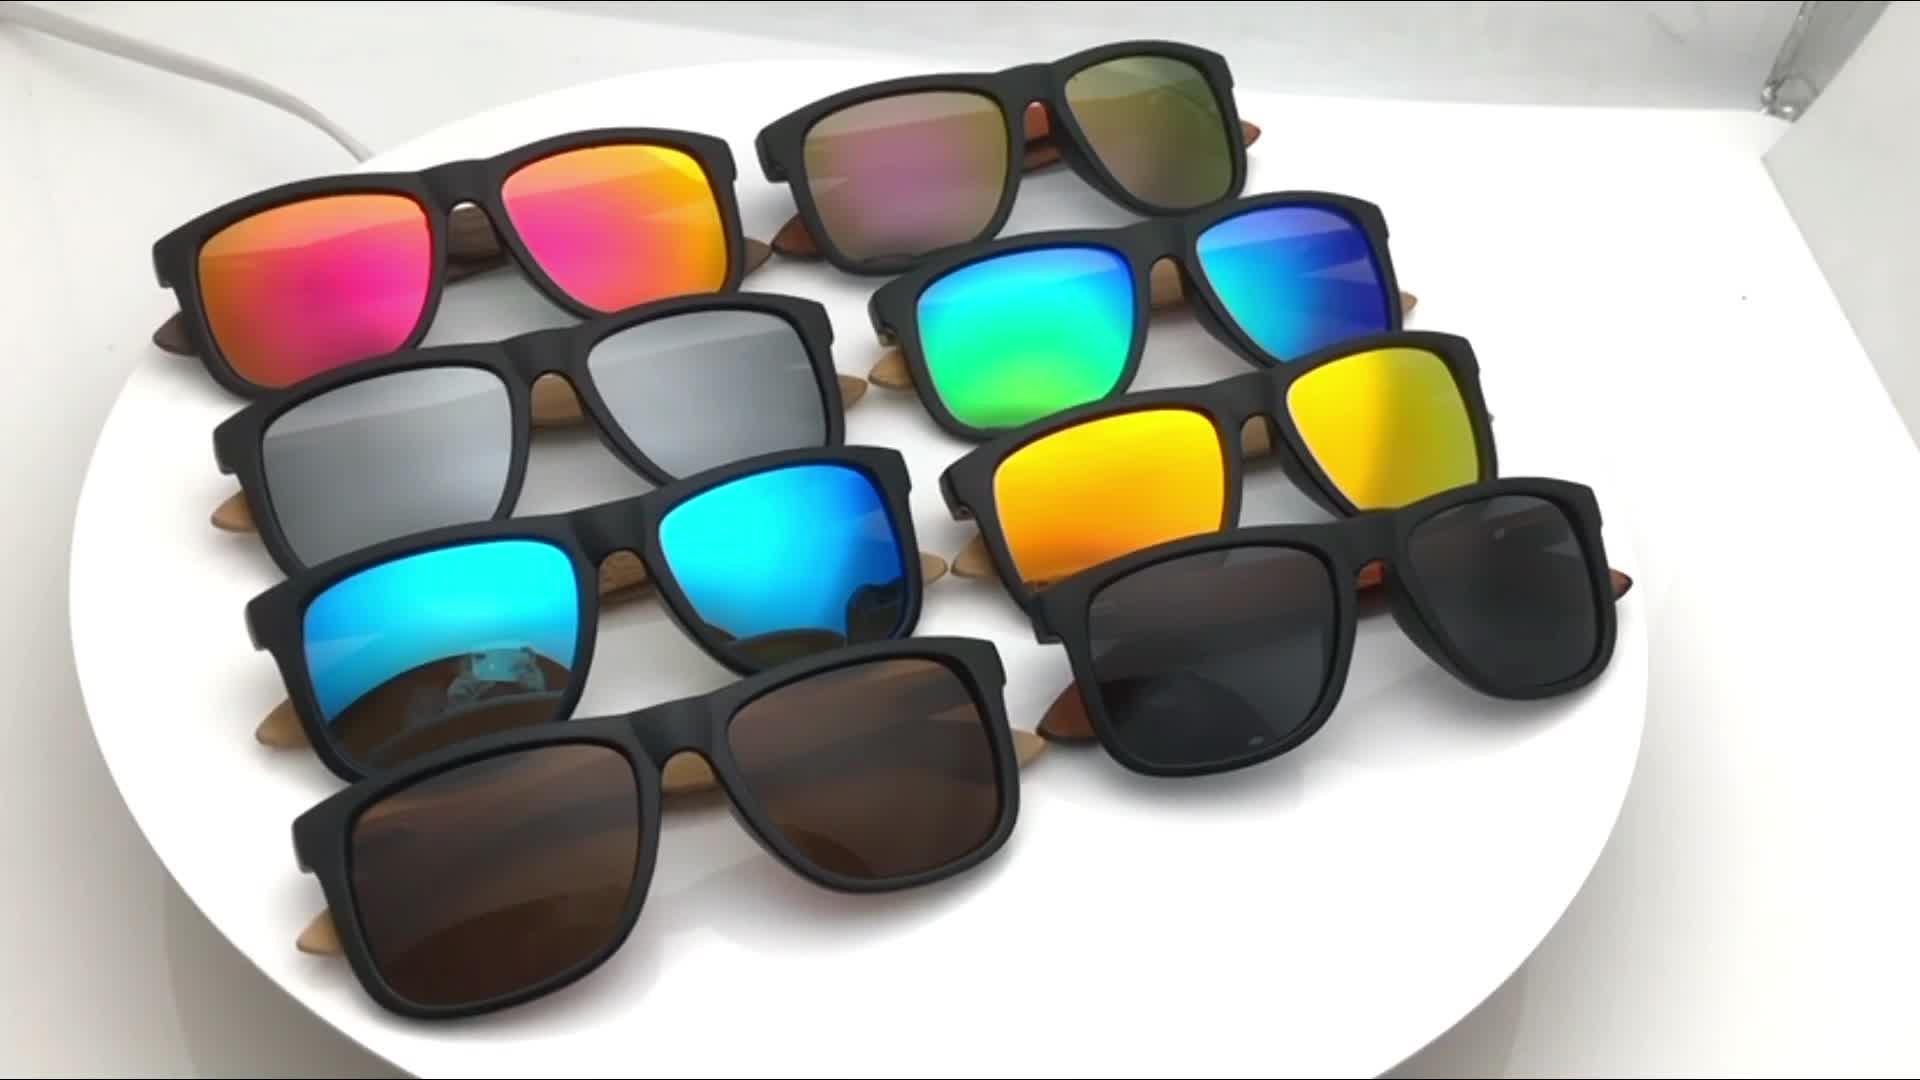 Óculos de sol de bambu de madeira feitos a mão polarizados com aprovaçã0 do CE de FDA